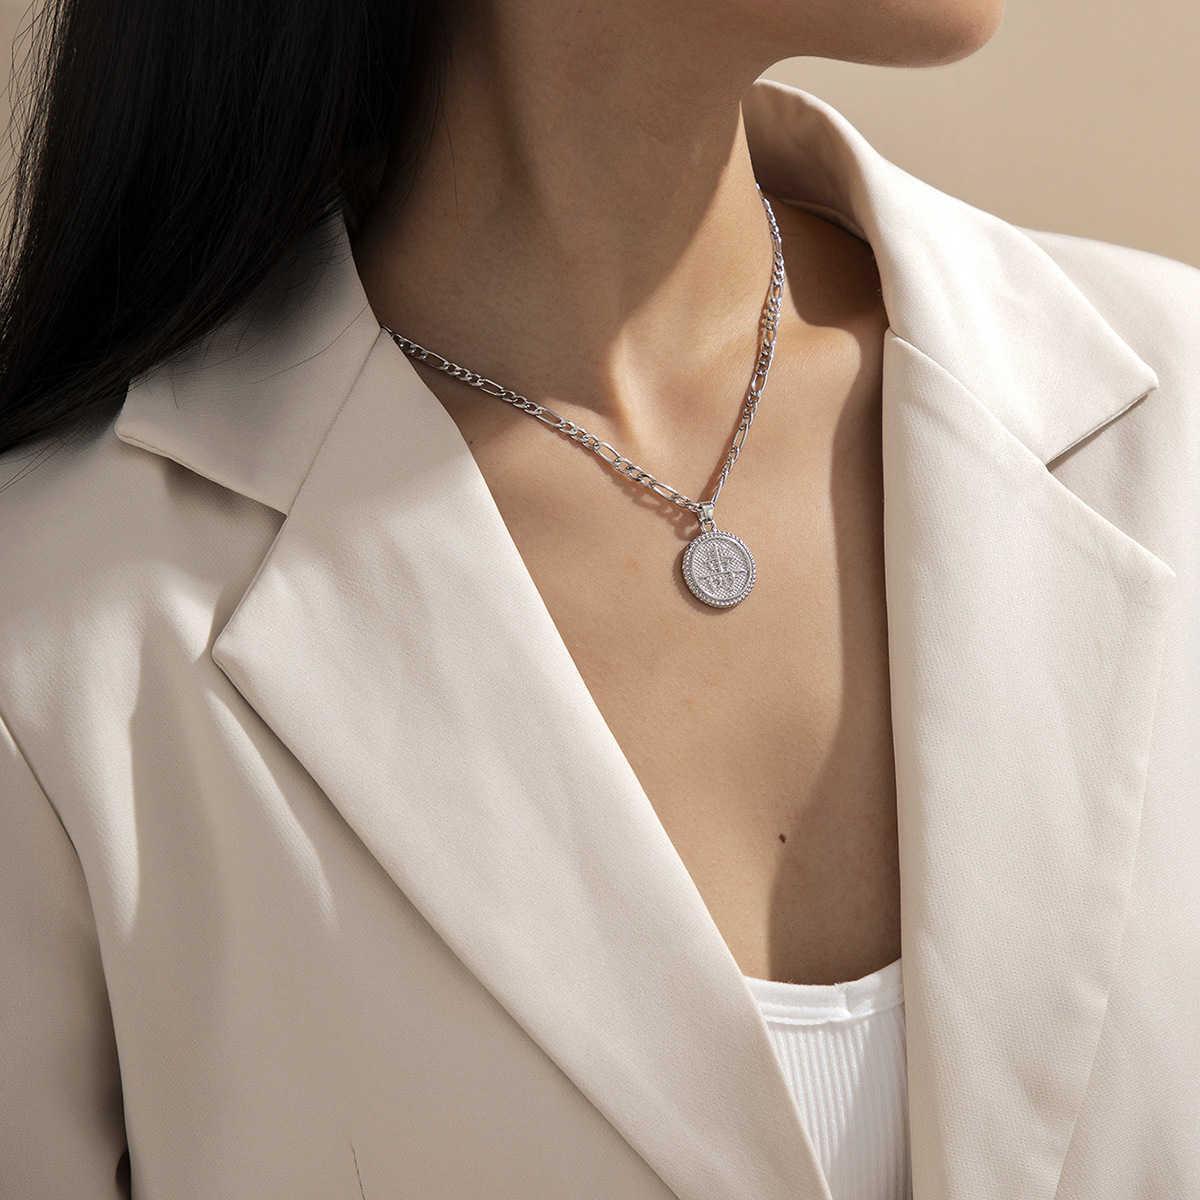 Basit tek katmanlı 3: 1 zincir kadınsı yuvarlak alaşım kolye kolye